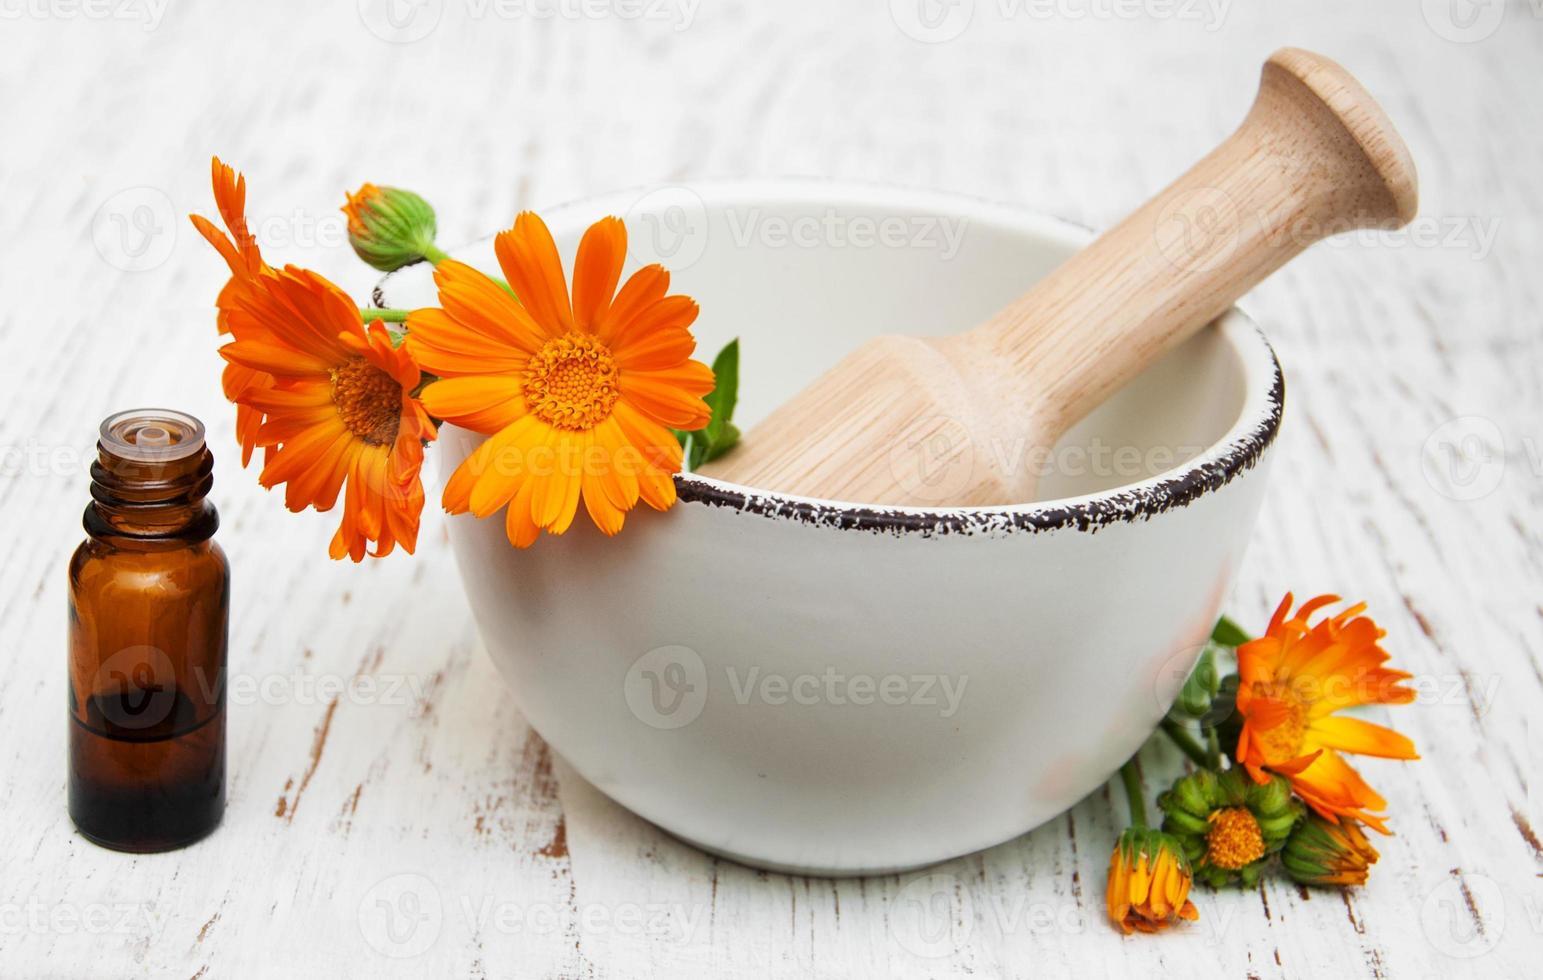 Flor de caléndula officinalis en mortero foto